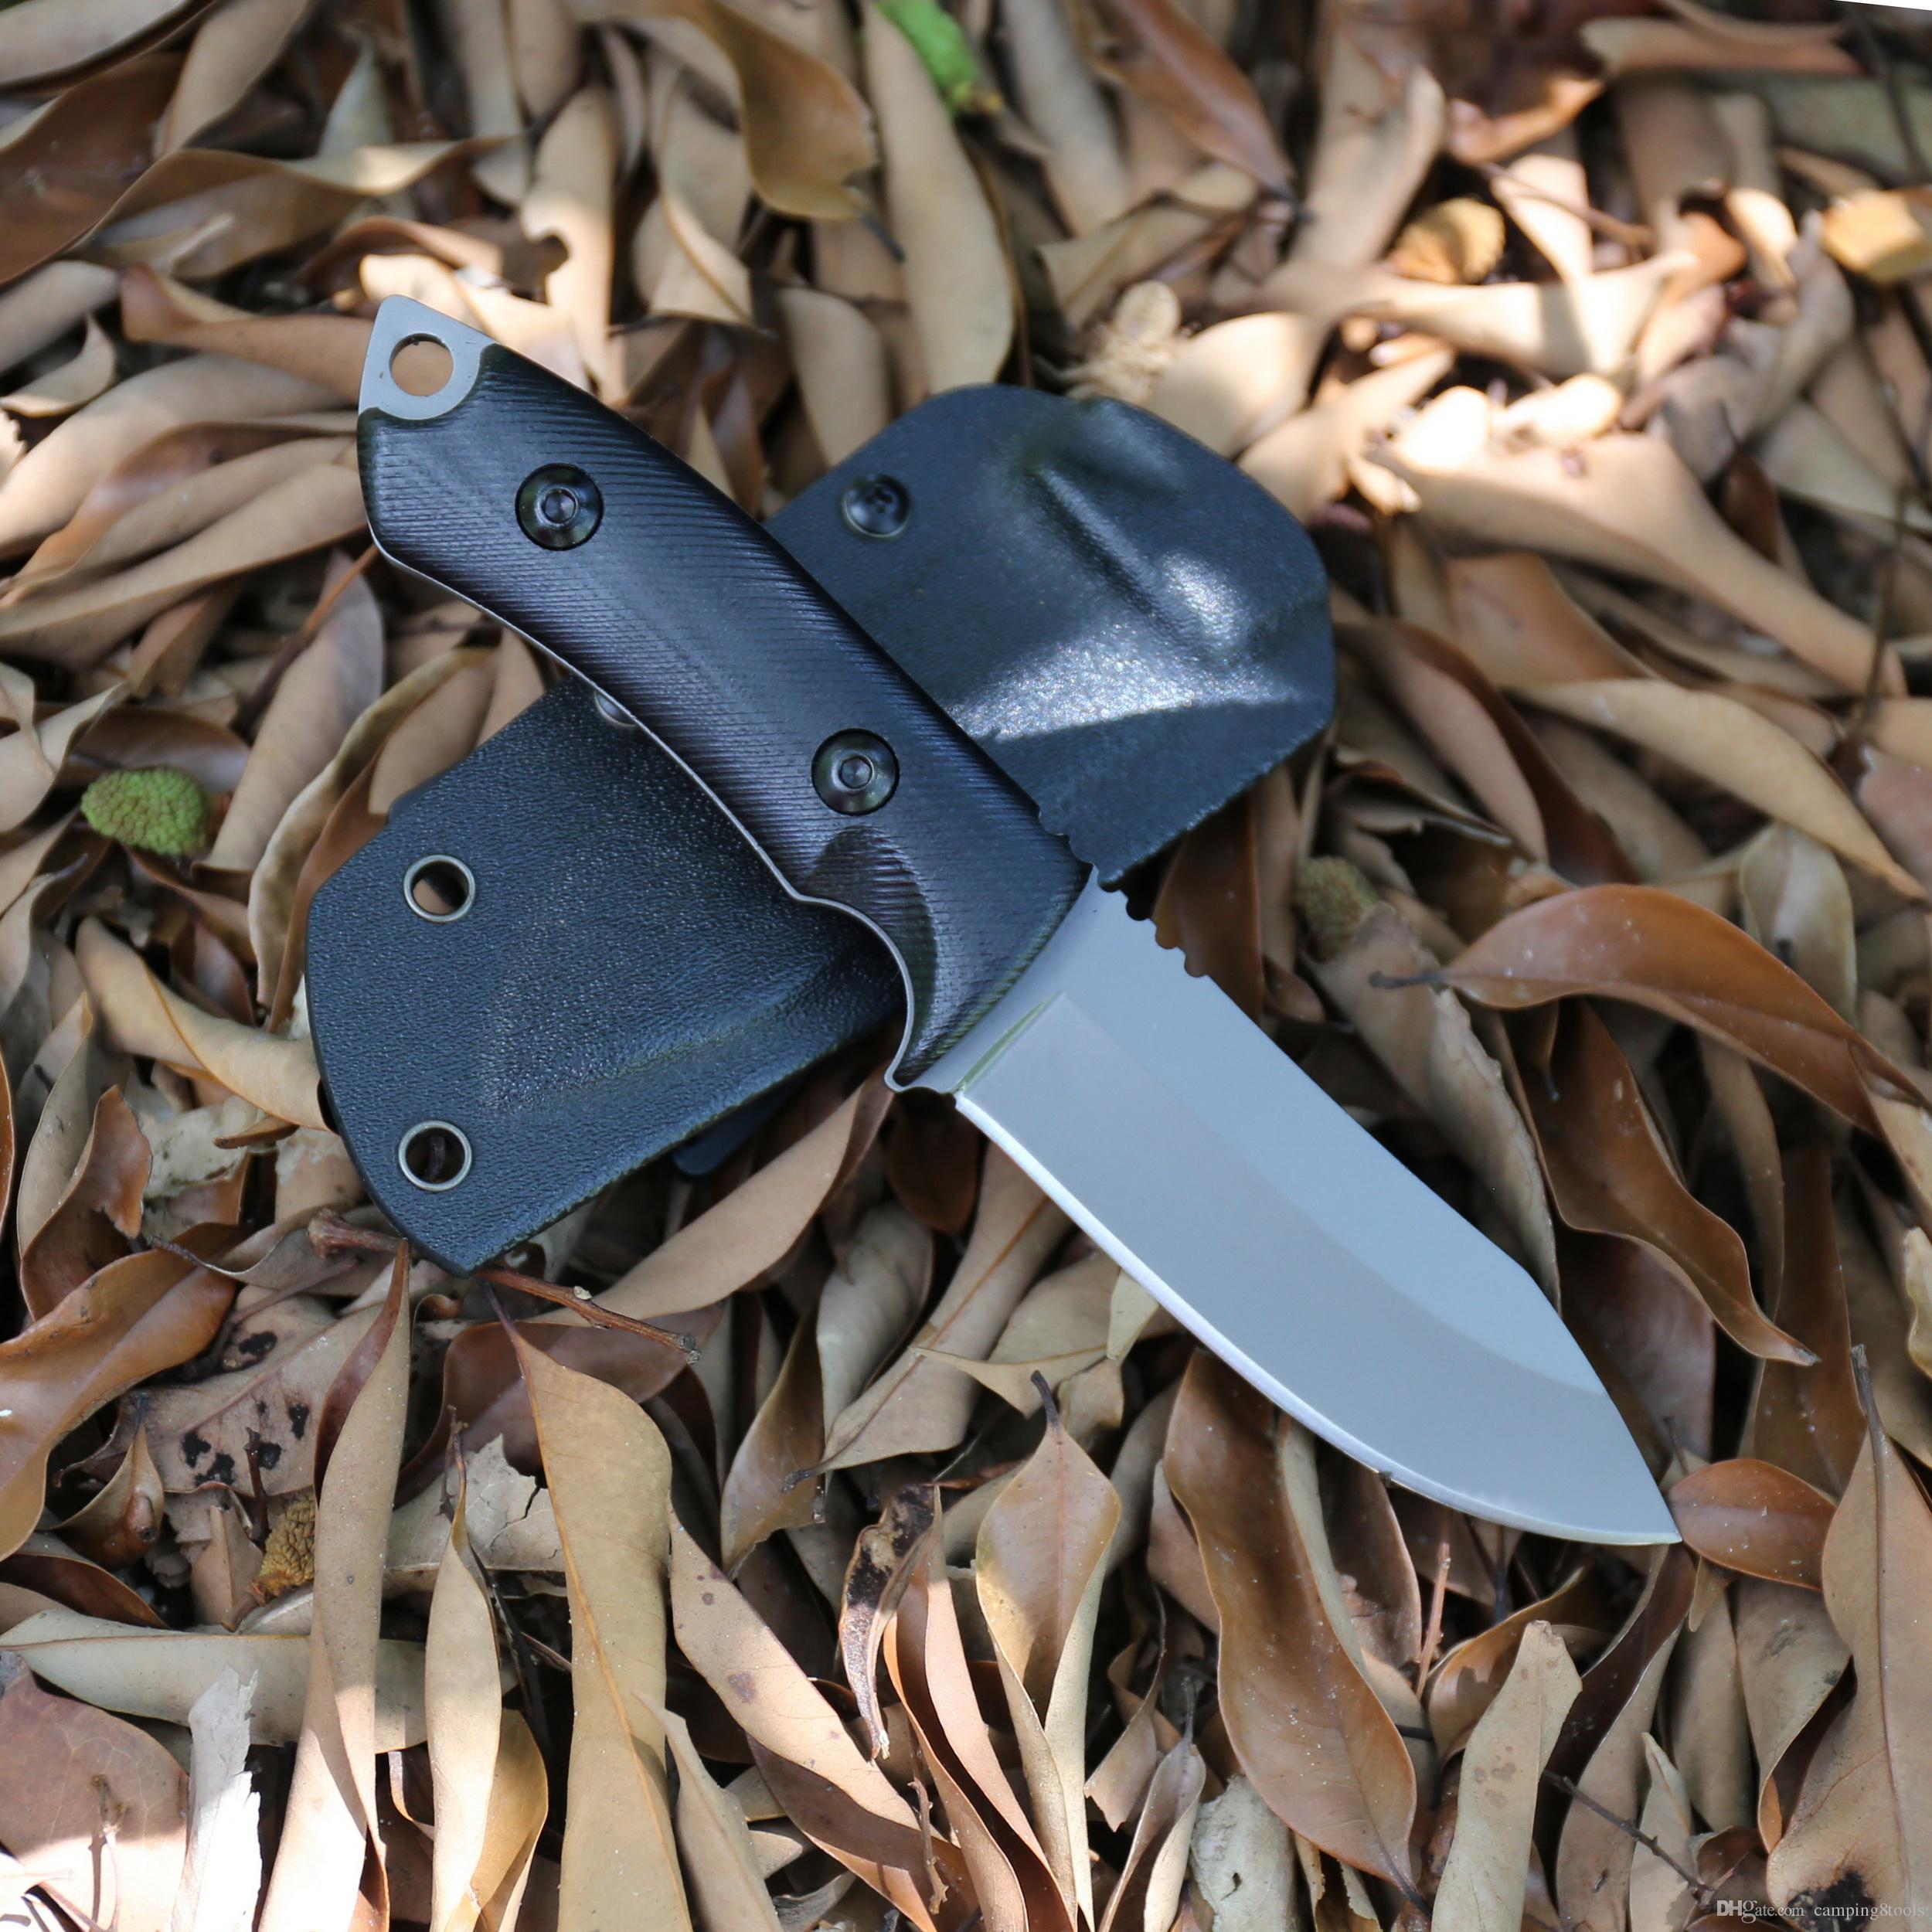 في الهواء الطلق صابر سكين ثابت البرية البقاء على قيد الحياة معركة خاصة التكتيكات المحمولة البقاء على قيد الحياة سكين تسلق الجبال مغامرة يجب أن تكون مجهزة الأدوات